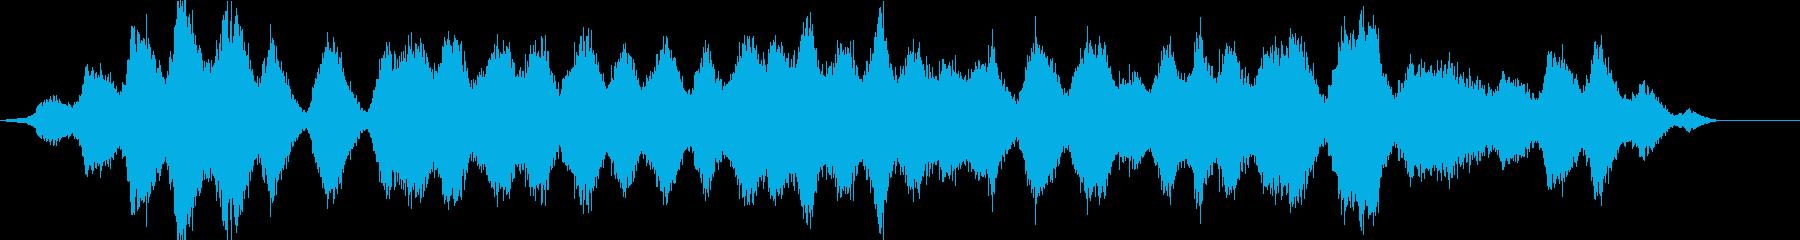 動画 サスペンス アクション 技術...の再生済みの波形